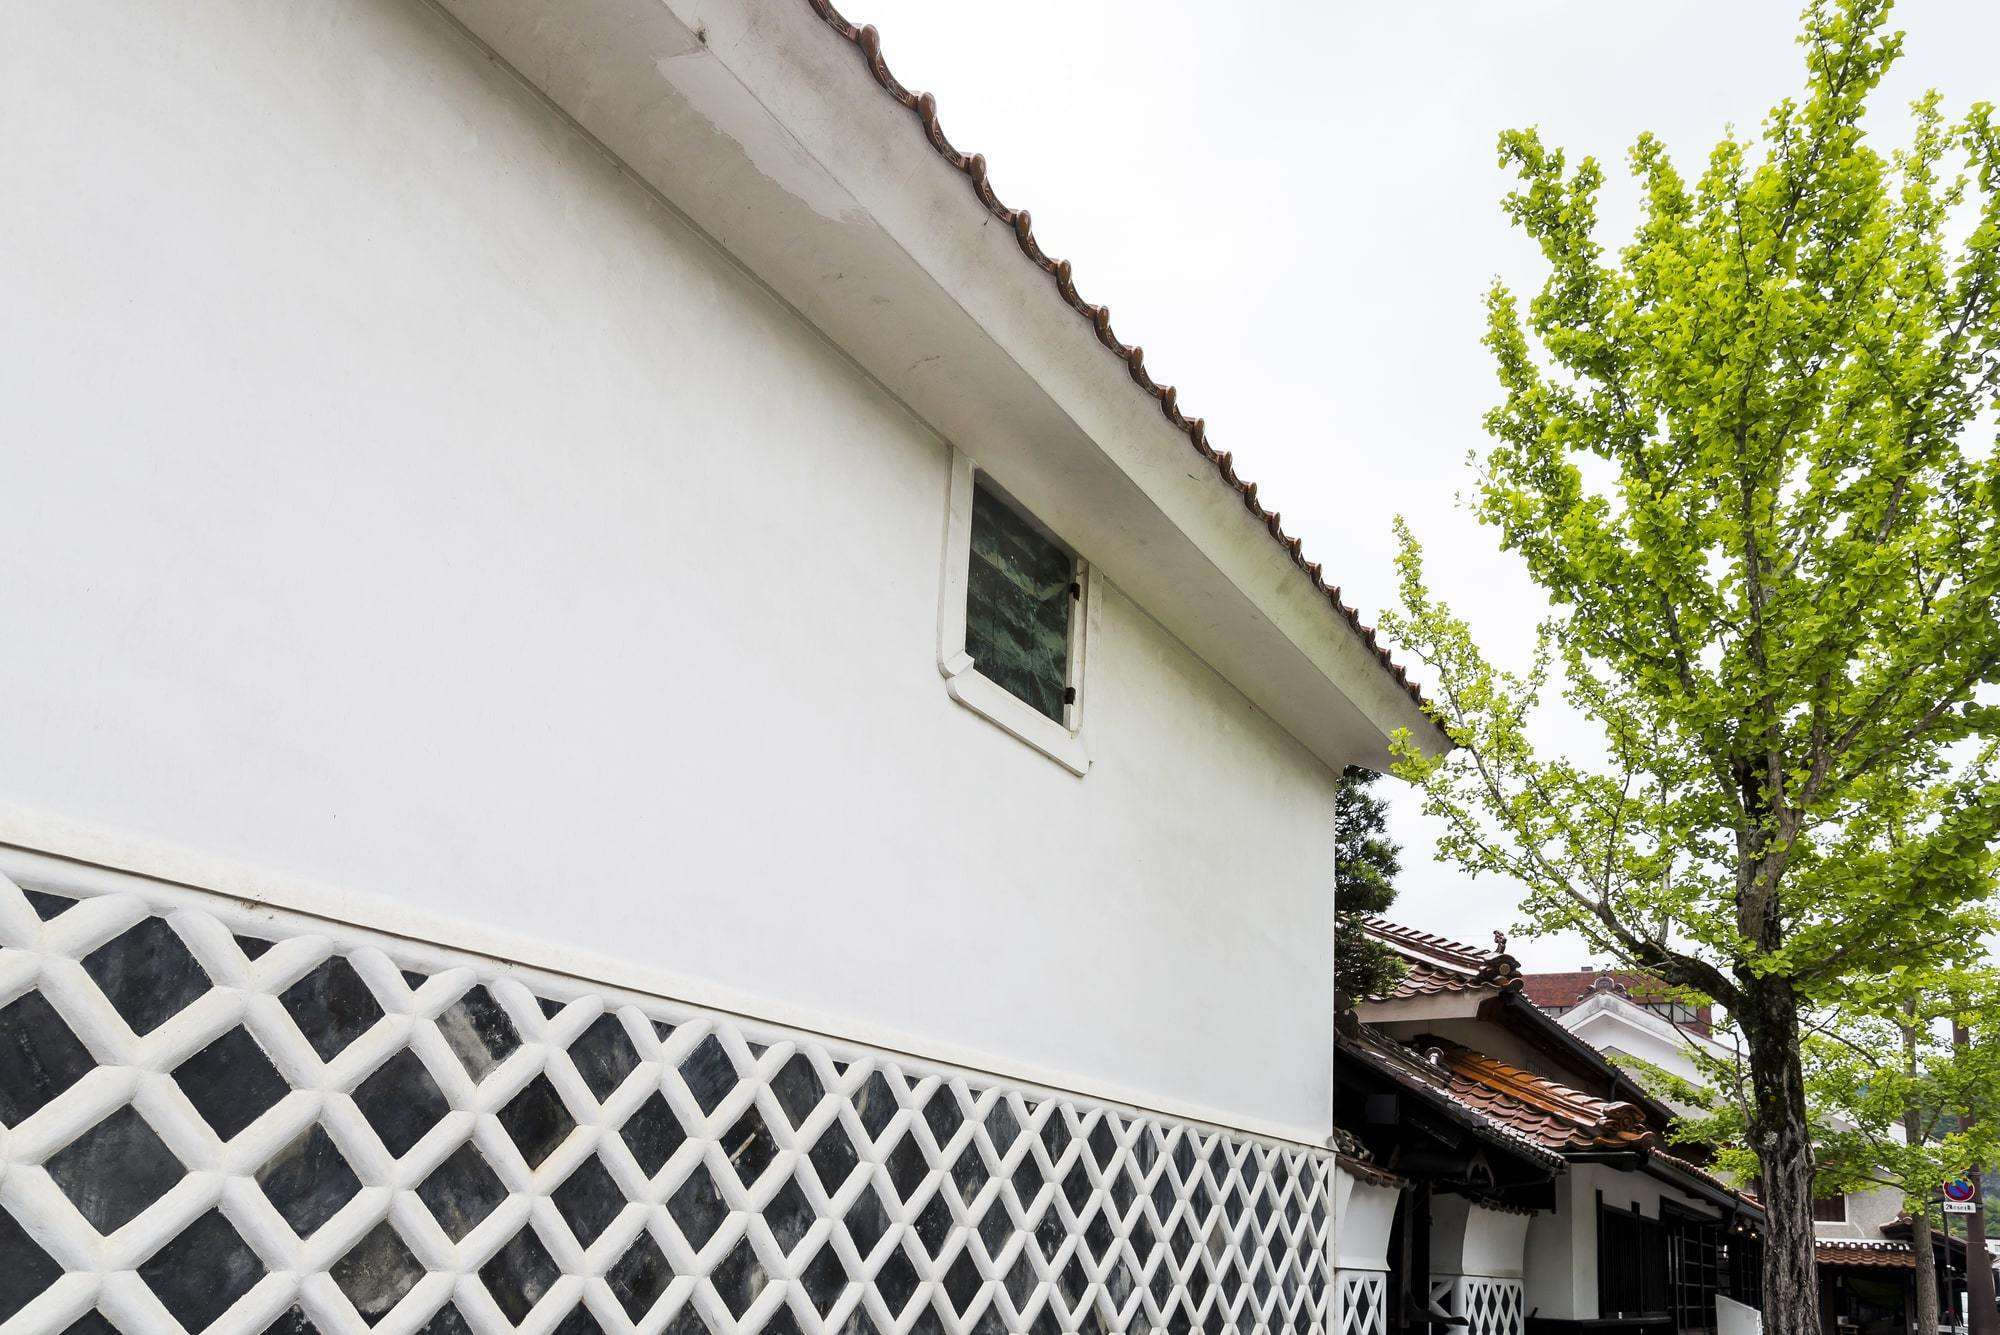 漆喰の基本を知る!漆喰の使い方や注意点 | 関東全域の内装左官・外装左官は埼玉県さいたま市の美匠まで